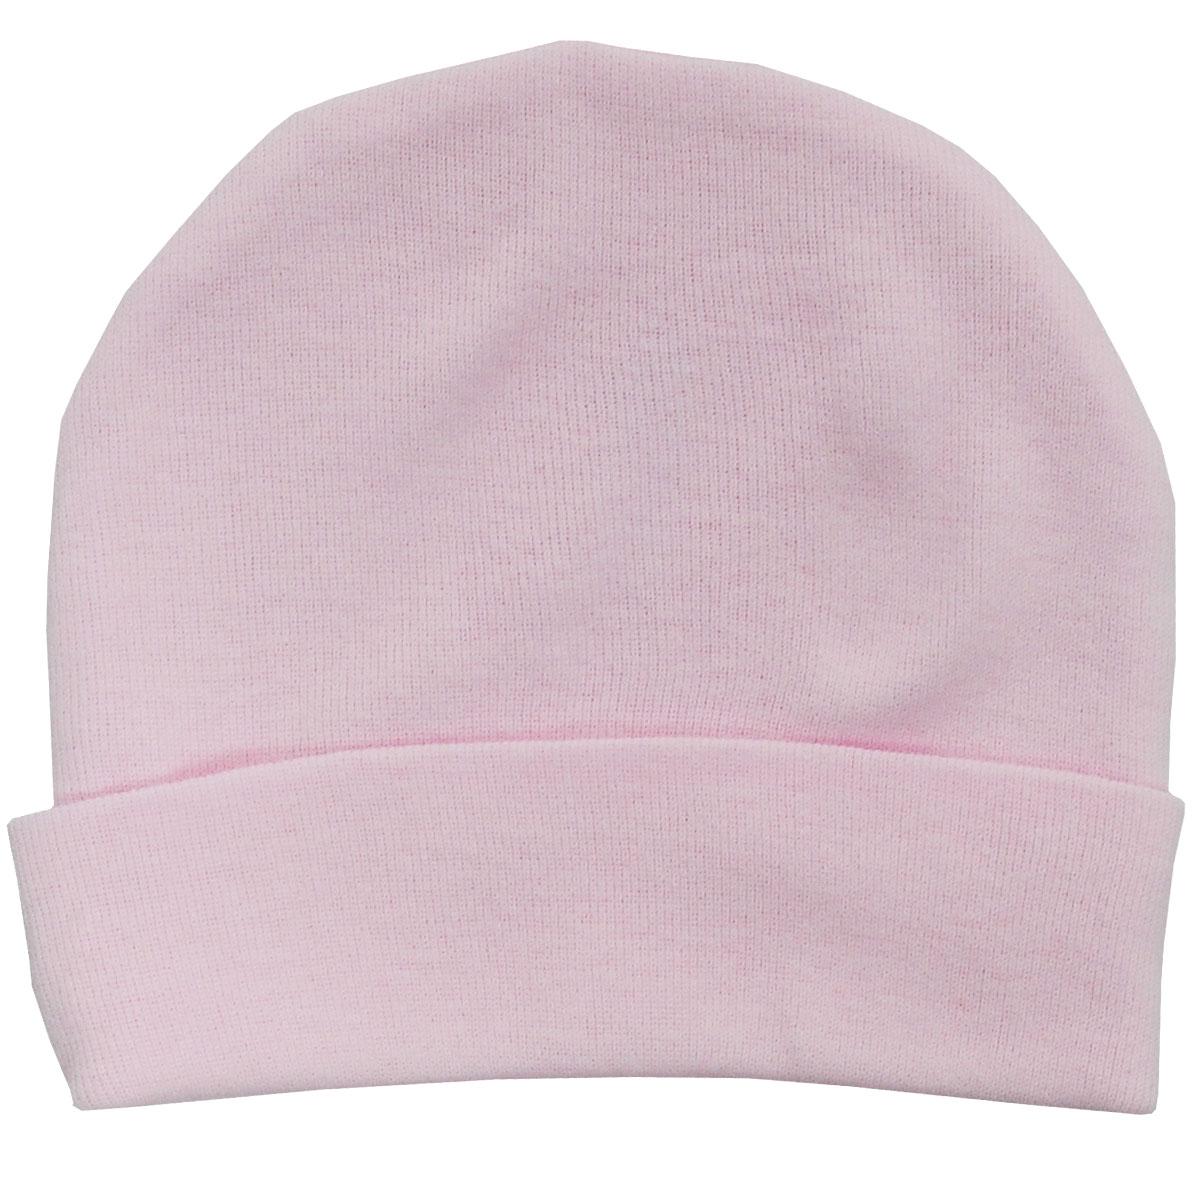 Шапочка унисекс Трон-Плюс, цвет: розовый. 6312. Размер 62, 3 месяца